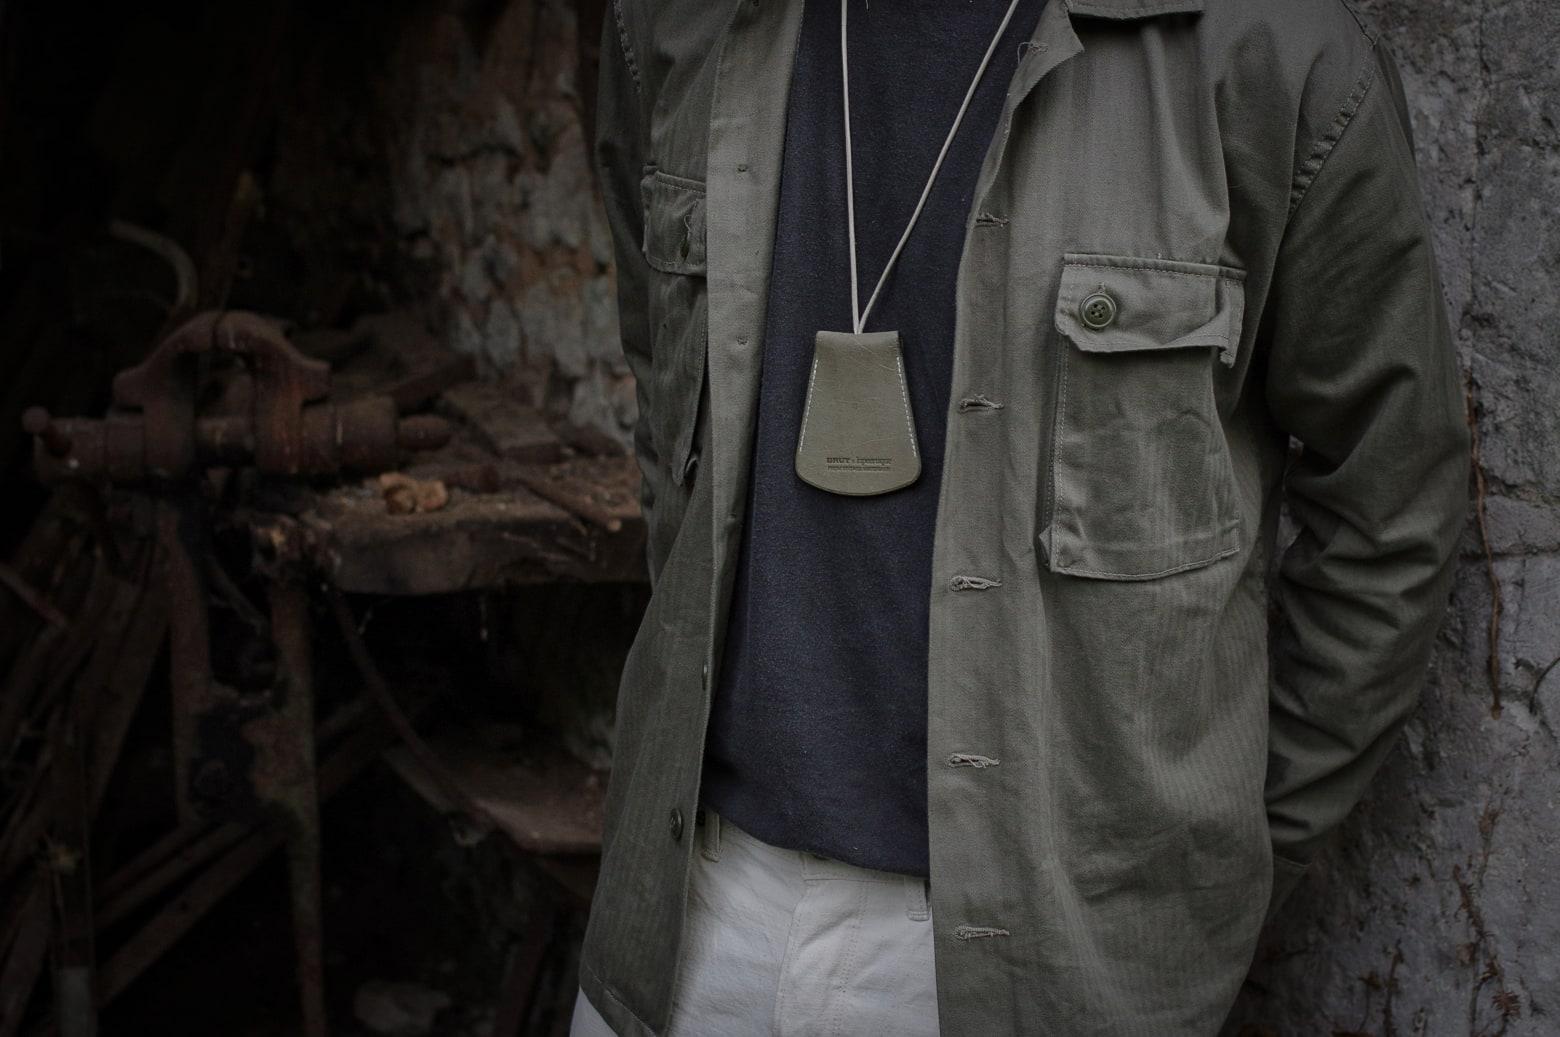 chemise ciso HBT Arashi denim - cloche porté-clé laperruque x brut - tenue pantlaon blanc